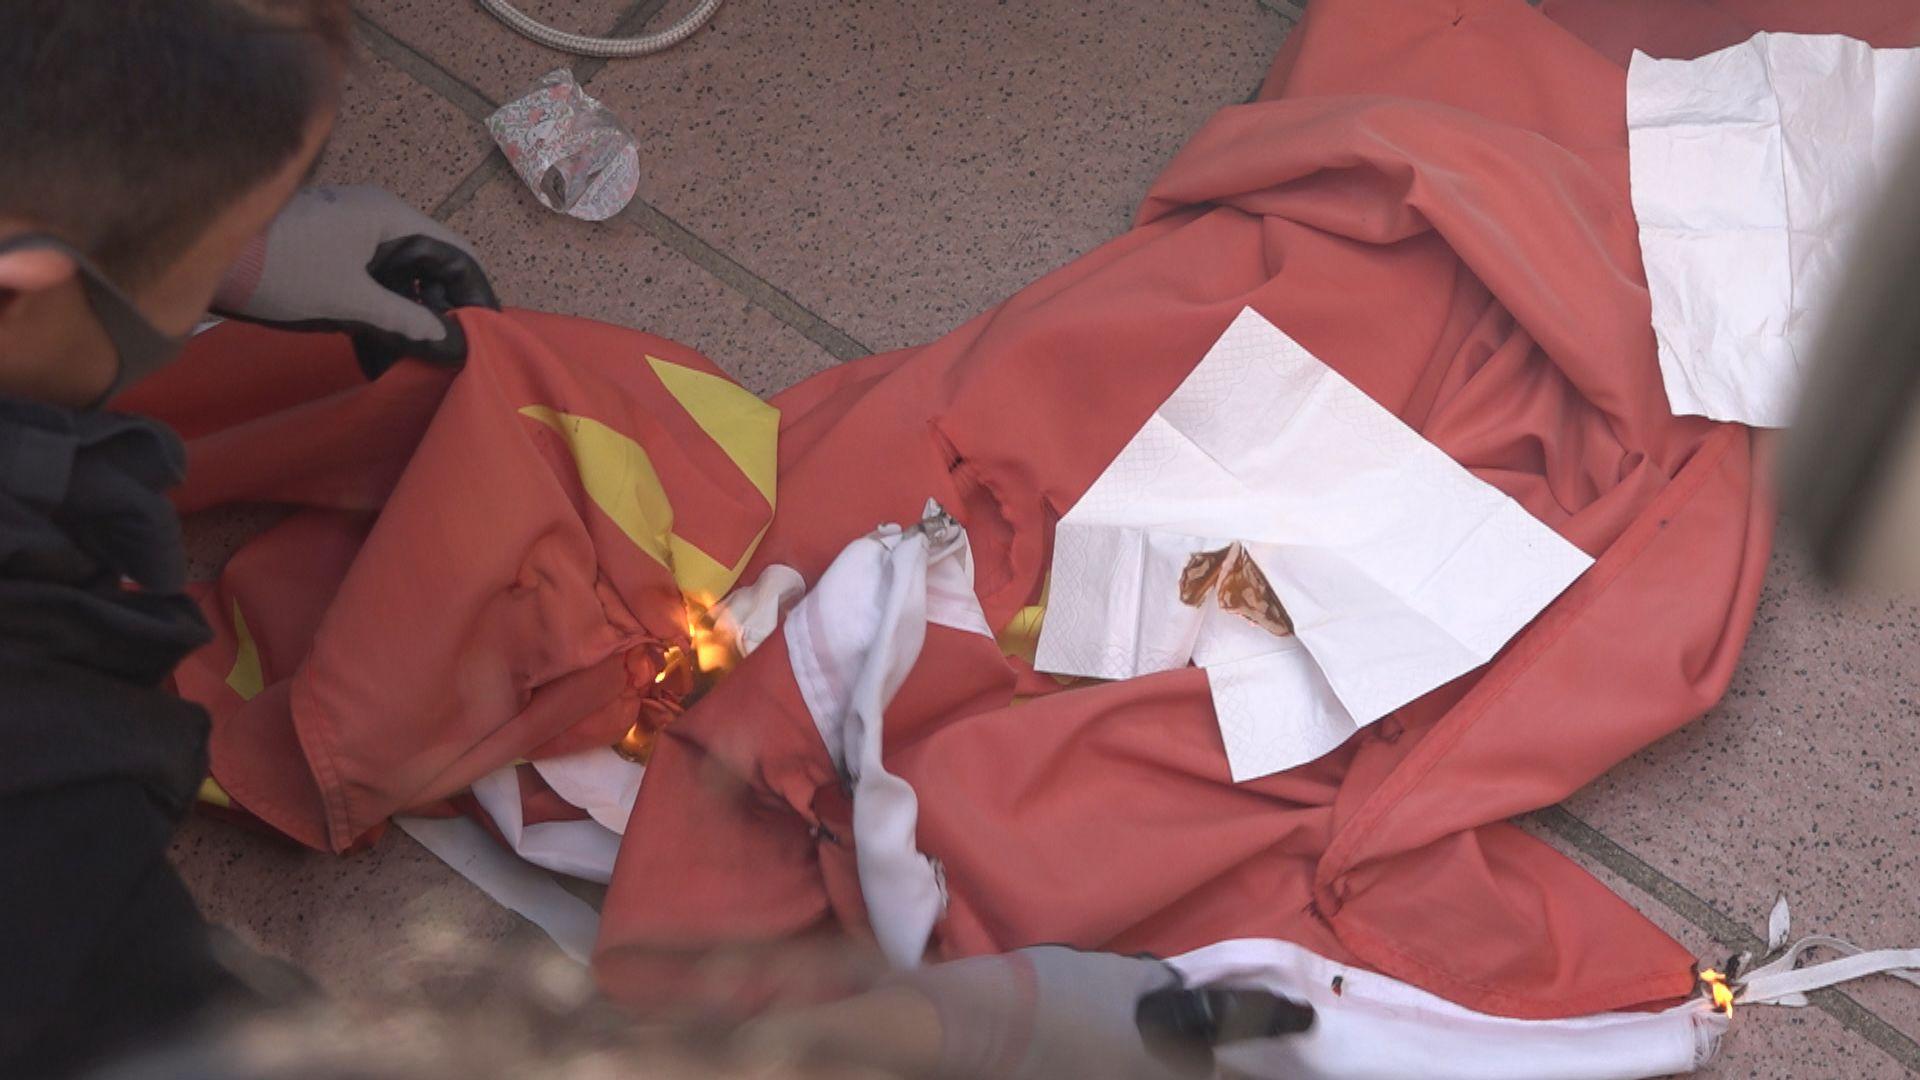 21歲男子去年屯門燒國旗被判240小時社會服務令